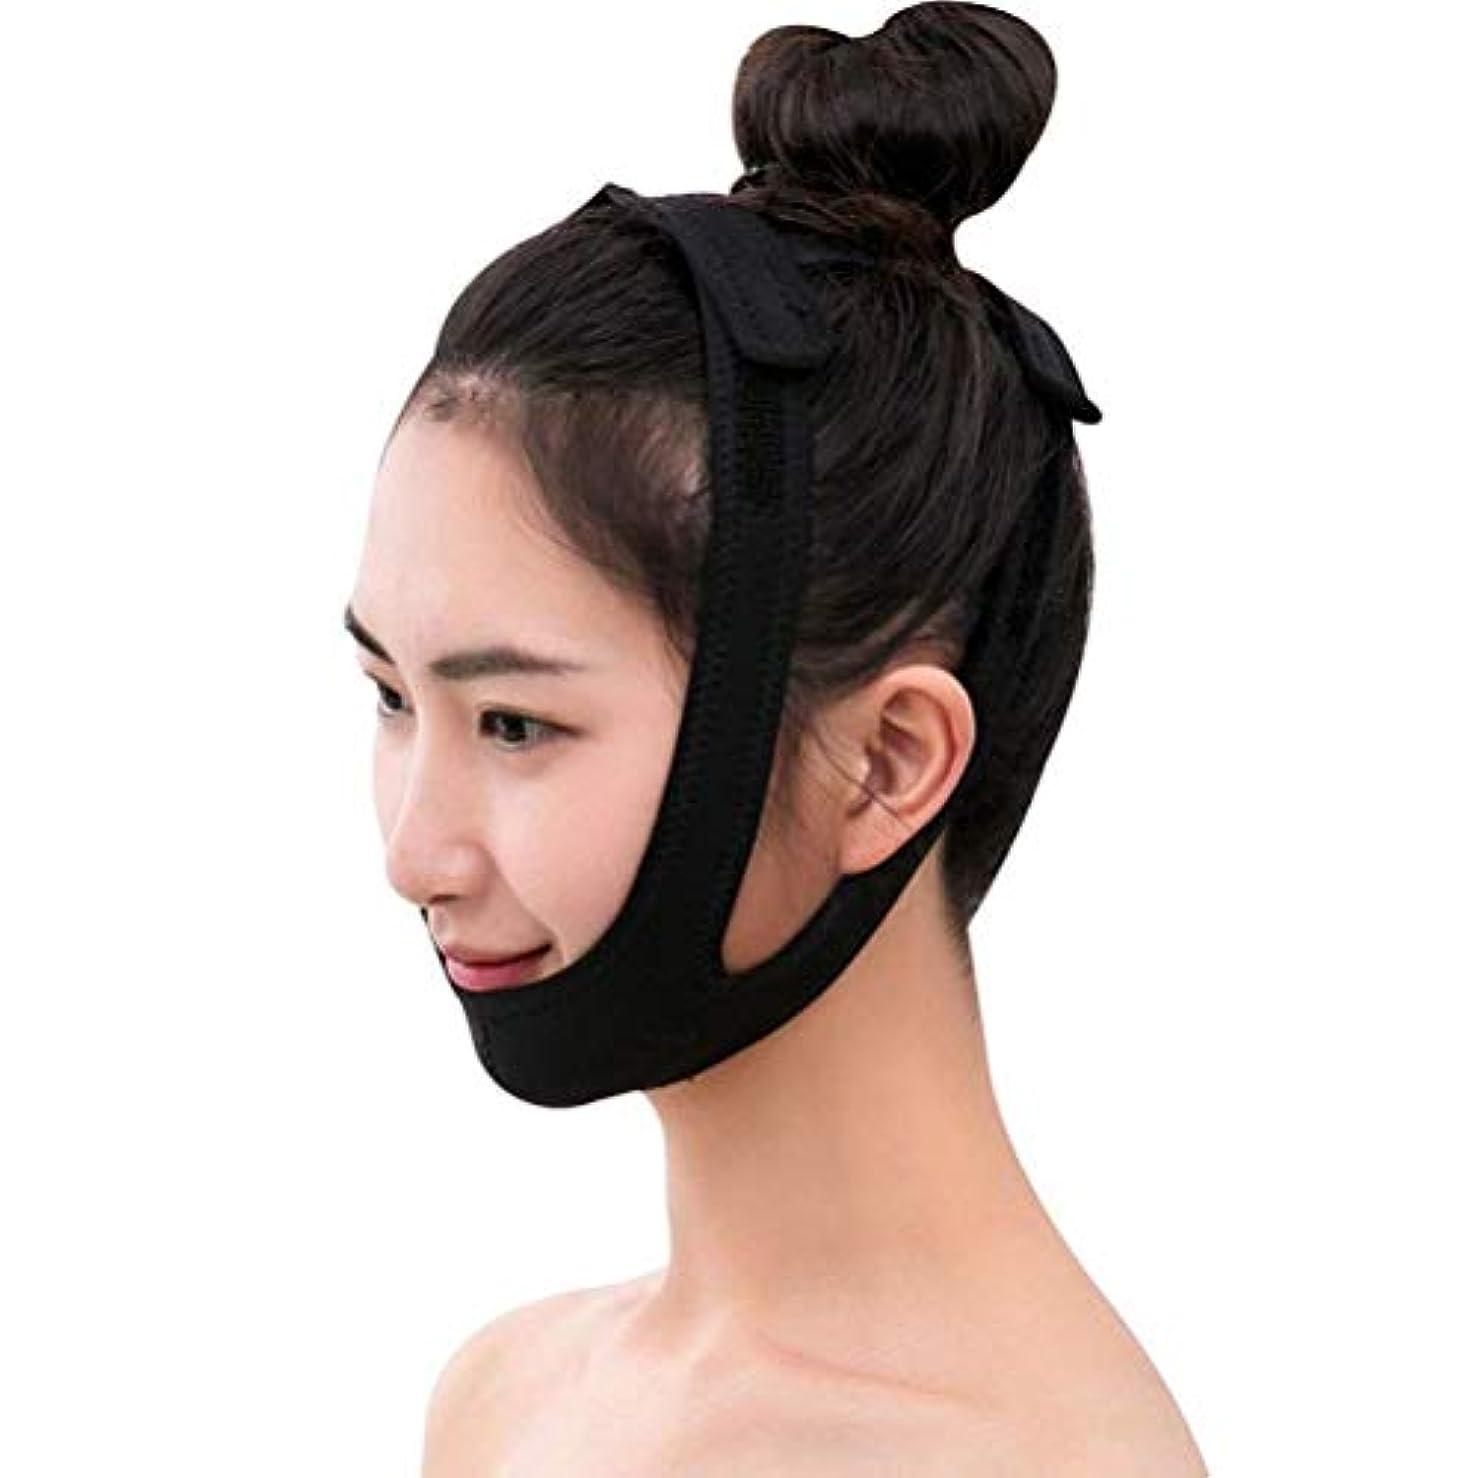 細断不道徳軽フェイスリフティングマスク、フェイスリフティング包帯V字型マスク/整形およびリフト/二重あごベルト/美容マスクフェイスリフト/縮小二重あご包帯/顔面矯正ベルト